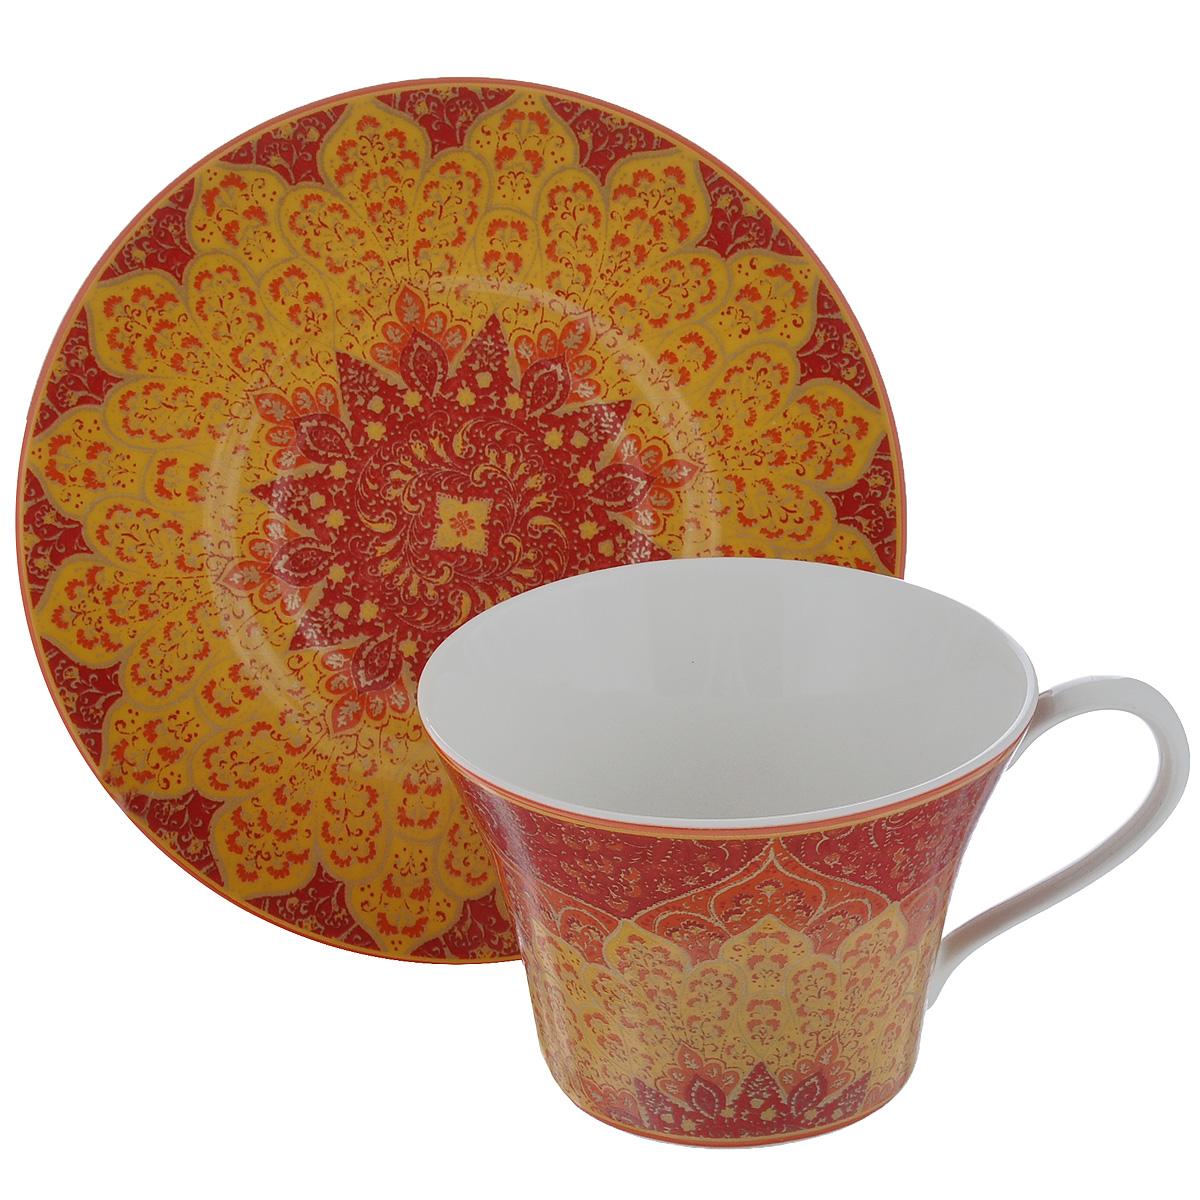 Чайная пара Utana Кашан, цвет: оранжевый, красный, 2 предметаUTKR94201/2Чайная пара Utana Кашан состоит из чашки и блюдца, выполненных из высококачественной керамики. Красочность оформления придется по вкусу и ценителям классики, и тем, кто предпочитает утонченность и изысканность. Оригинальный орнамент придает набору особый шарм, который понравится каждому. Предметы набора можно использовать в микроволновой печи и мыть в посудомоечной машине. Объем чашки: 250 мл. Диаметр чашки (по верхнему краю): 10 см. Высота чашки: 7,5 см. Диаметр блюдца: 16 см.